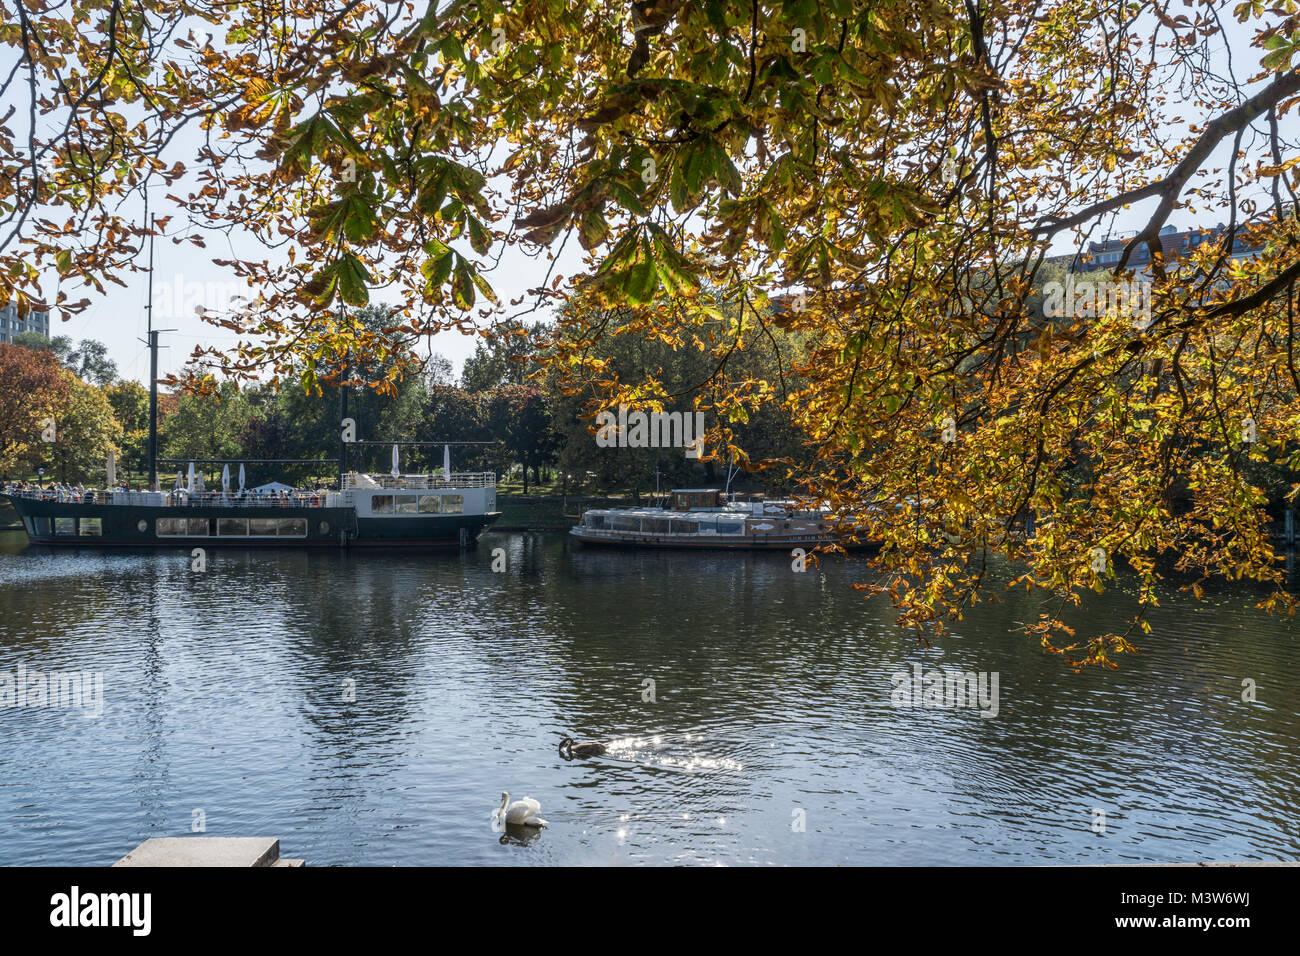 Urbahnhafen, Restaurantboot, Herbst, Kreuzberg, Berlin  | Urbahnhafen, Restaurant boat, autumn, Kreuzberg, Berlin - Stock Image